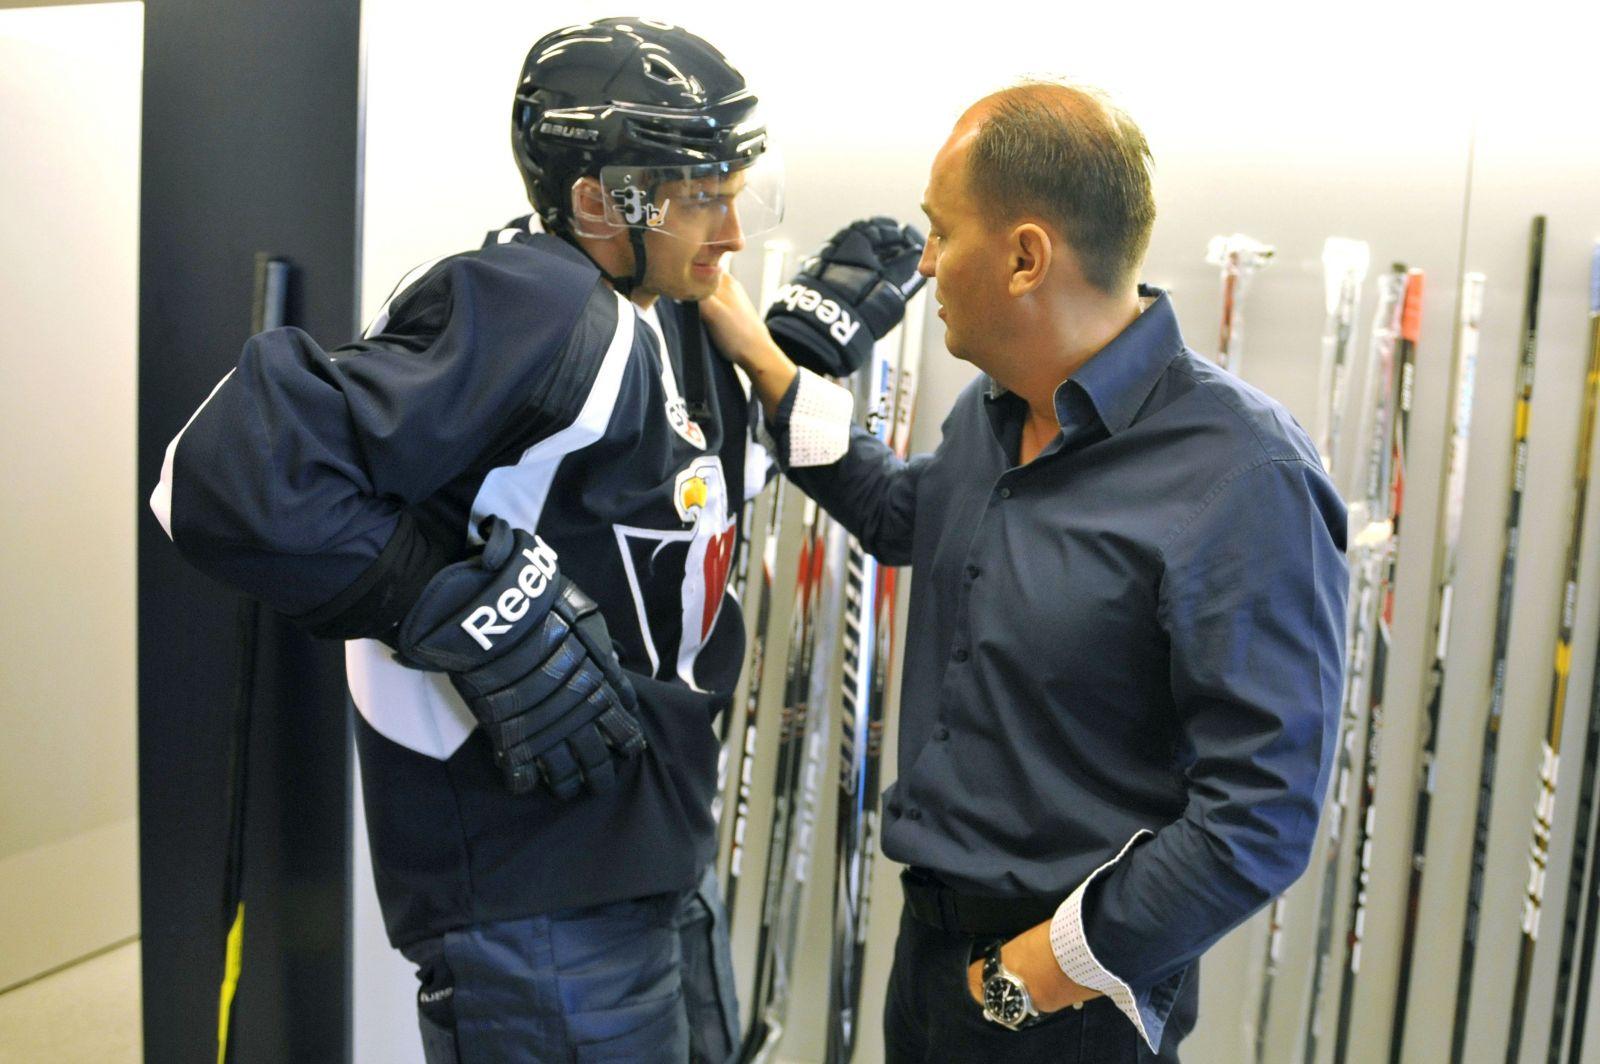 Nočná mora v KHL sa skončila, je na čase platiť, Slovan. Hráči si to zaslúžia